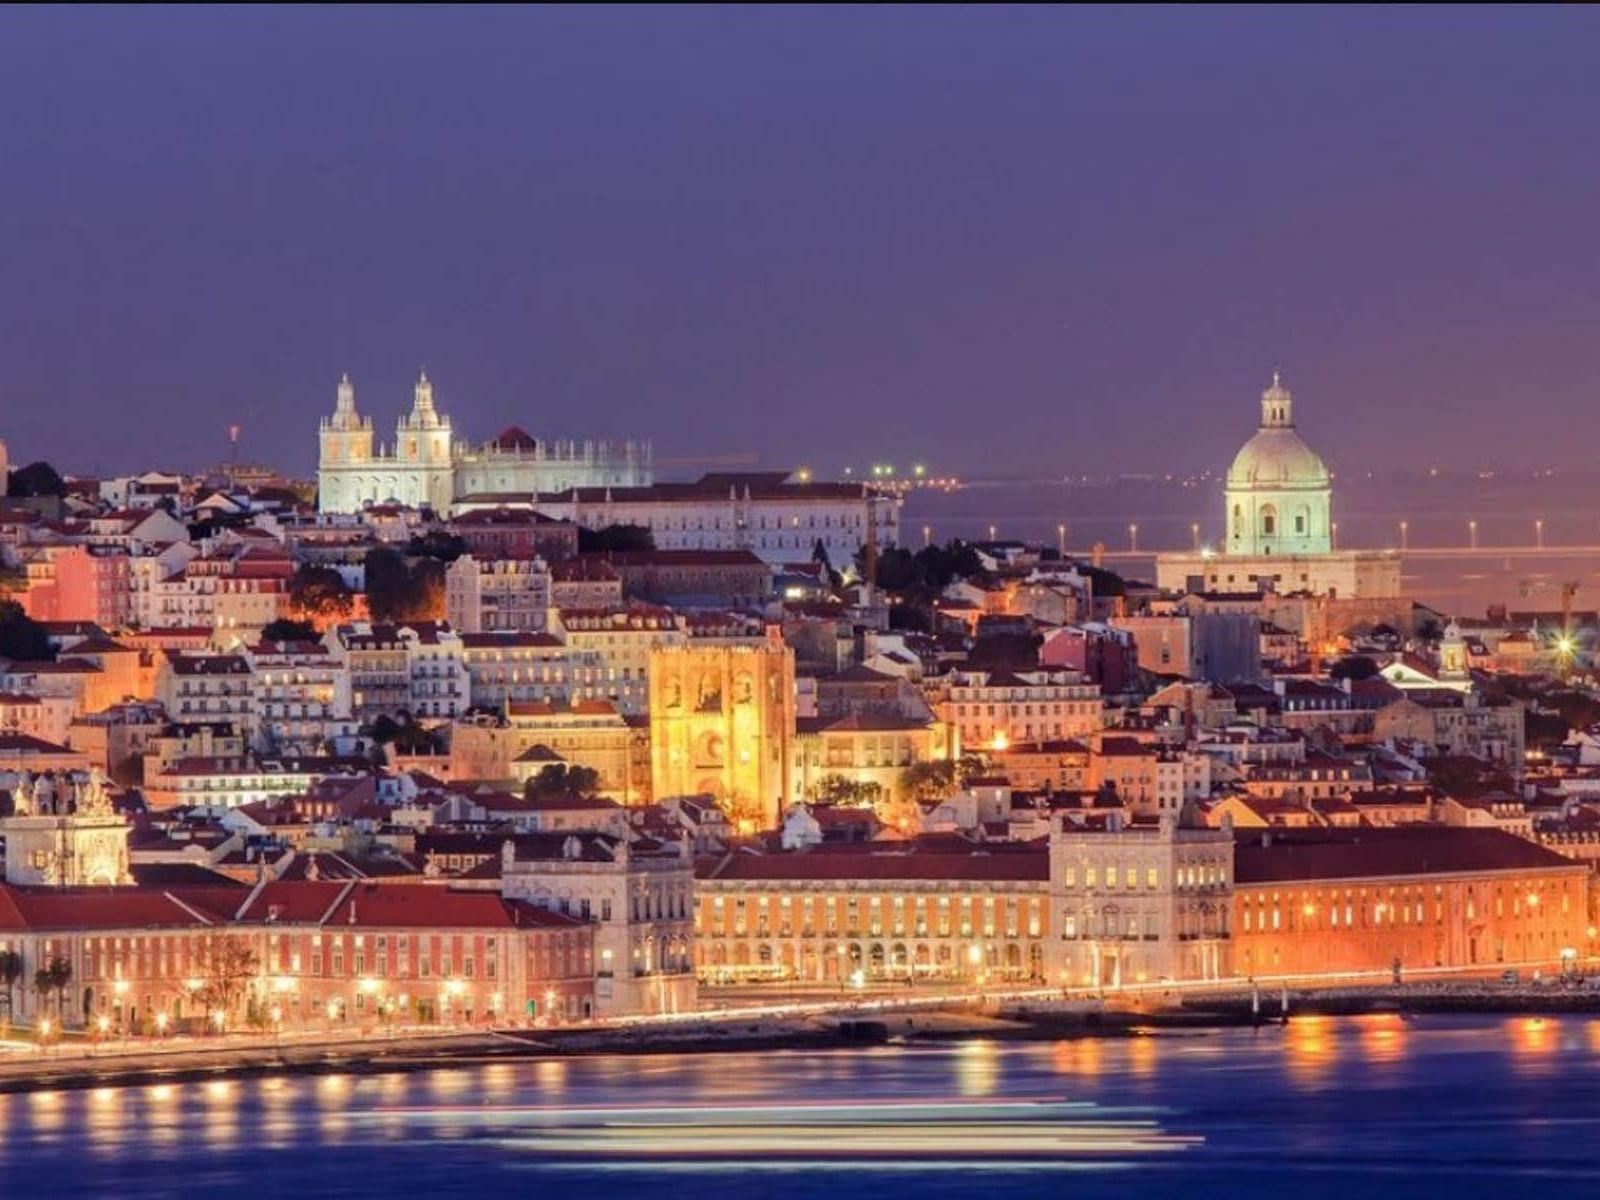 Vista de Lisboa por la noche